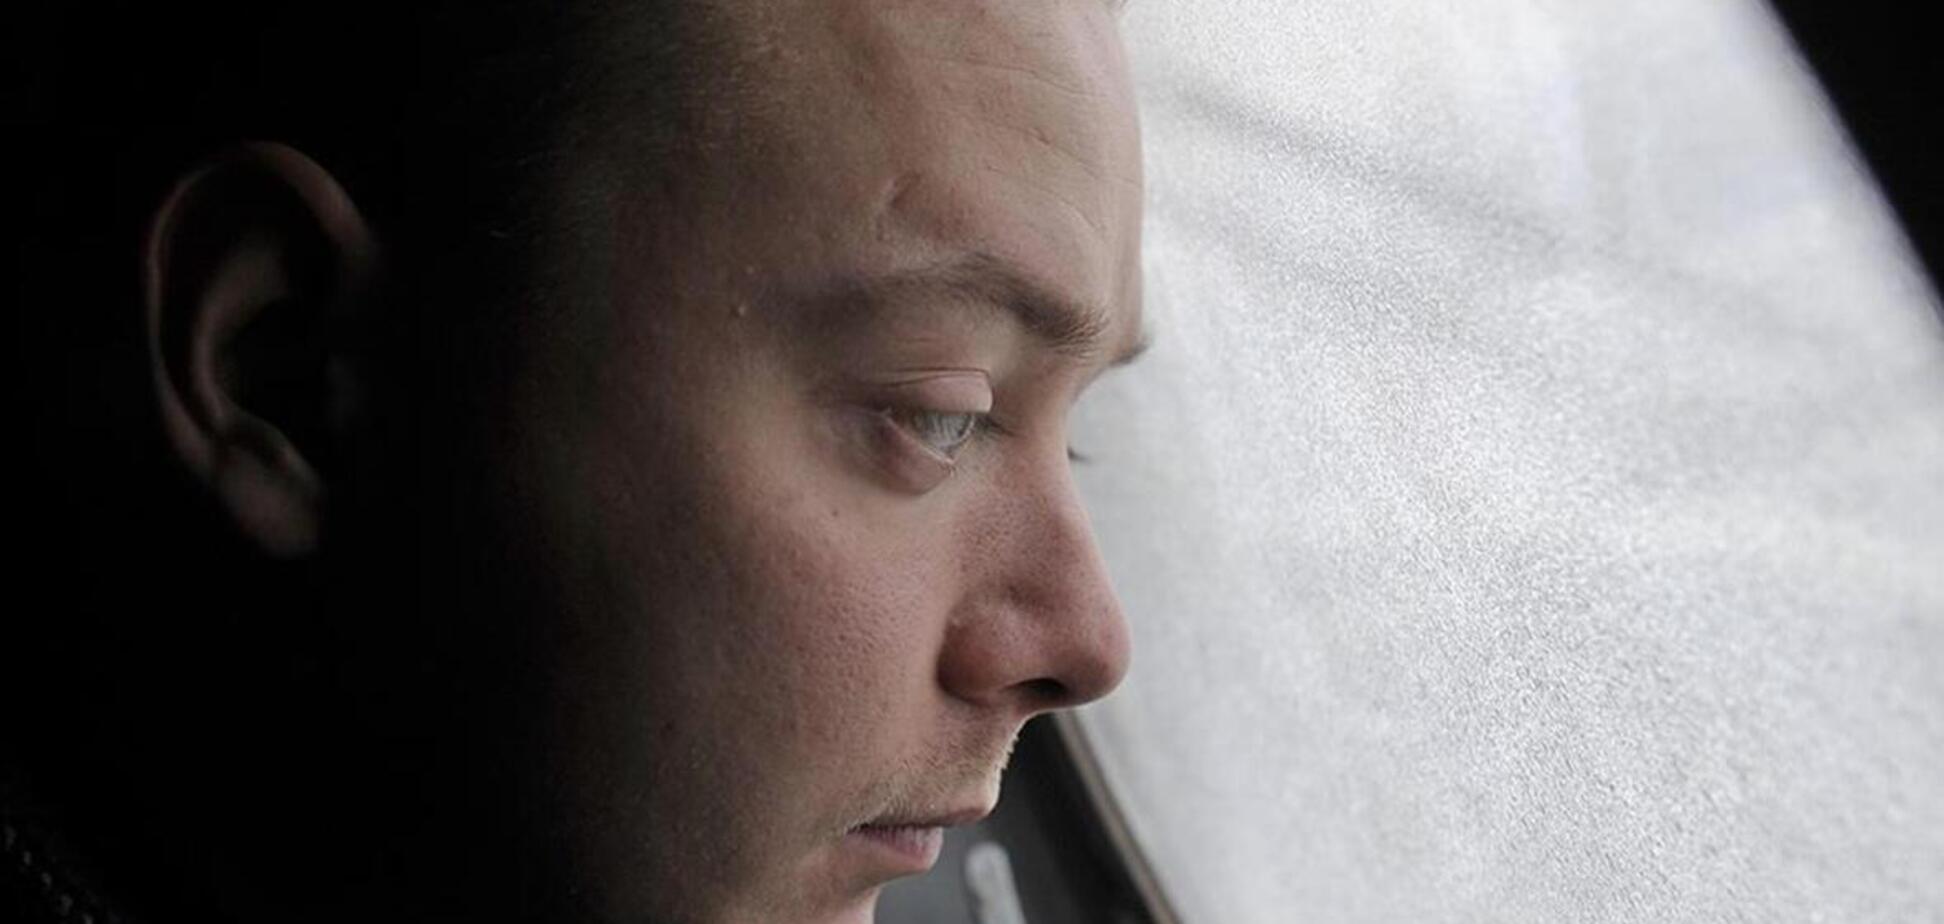 Івана Сафронова звинувачують у держзраді